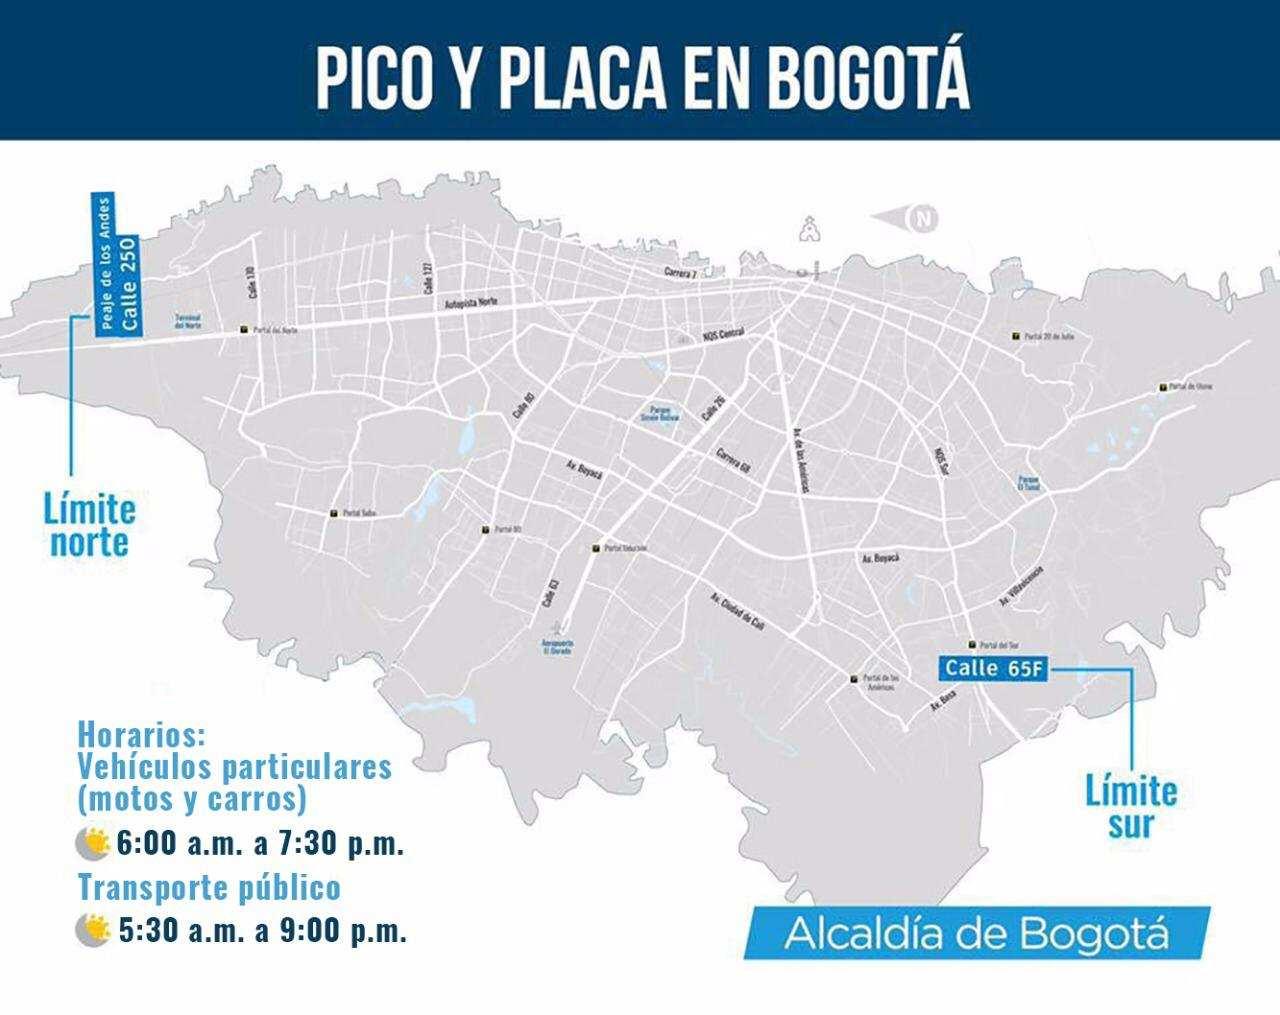 Mapa de zonas límites para el Pico y Placa ambiental